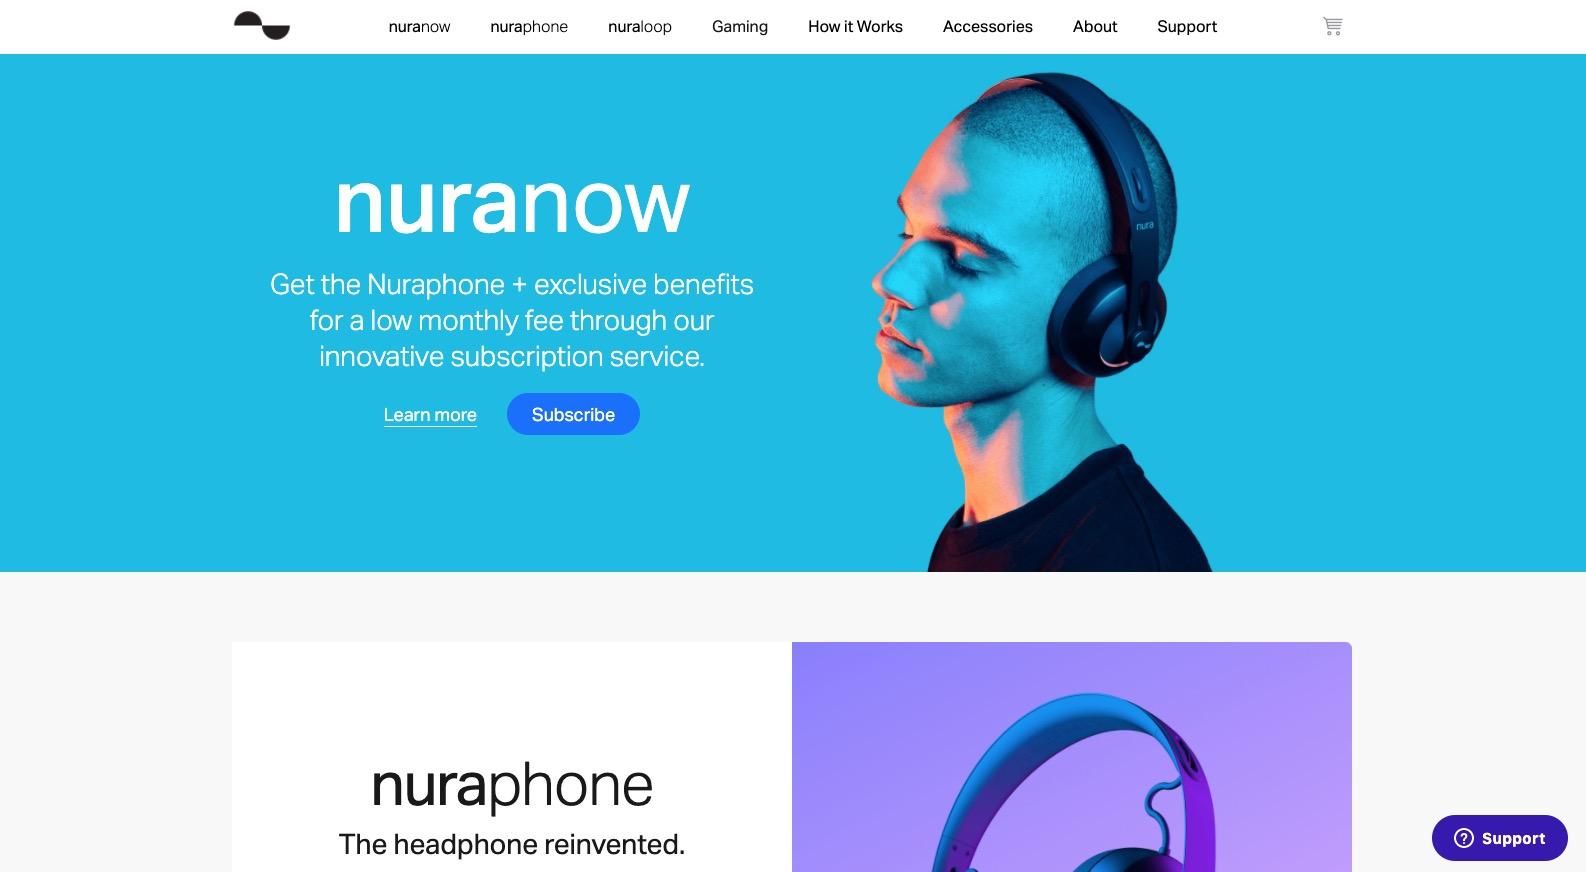 screenshot of nuraphone's ecommerce website